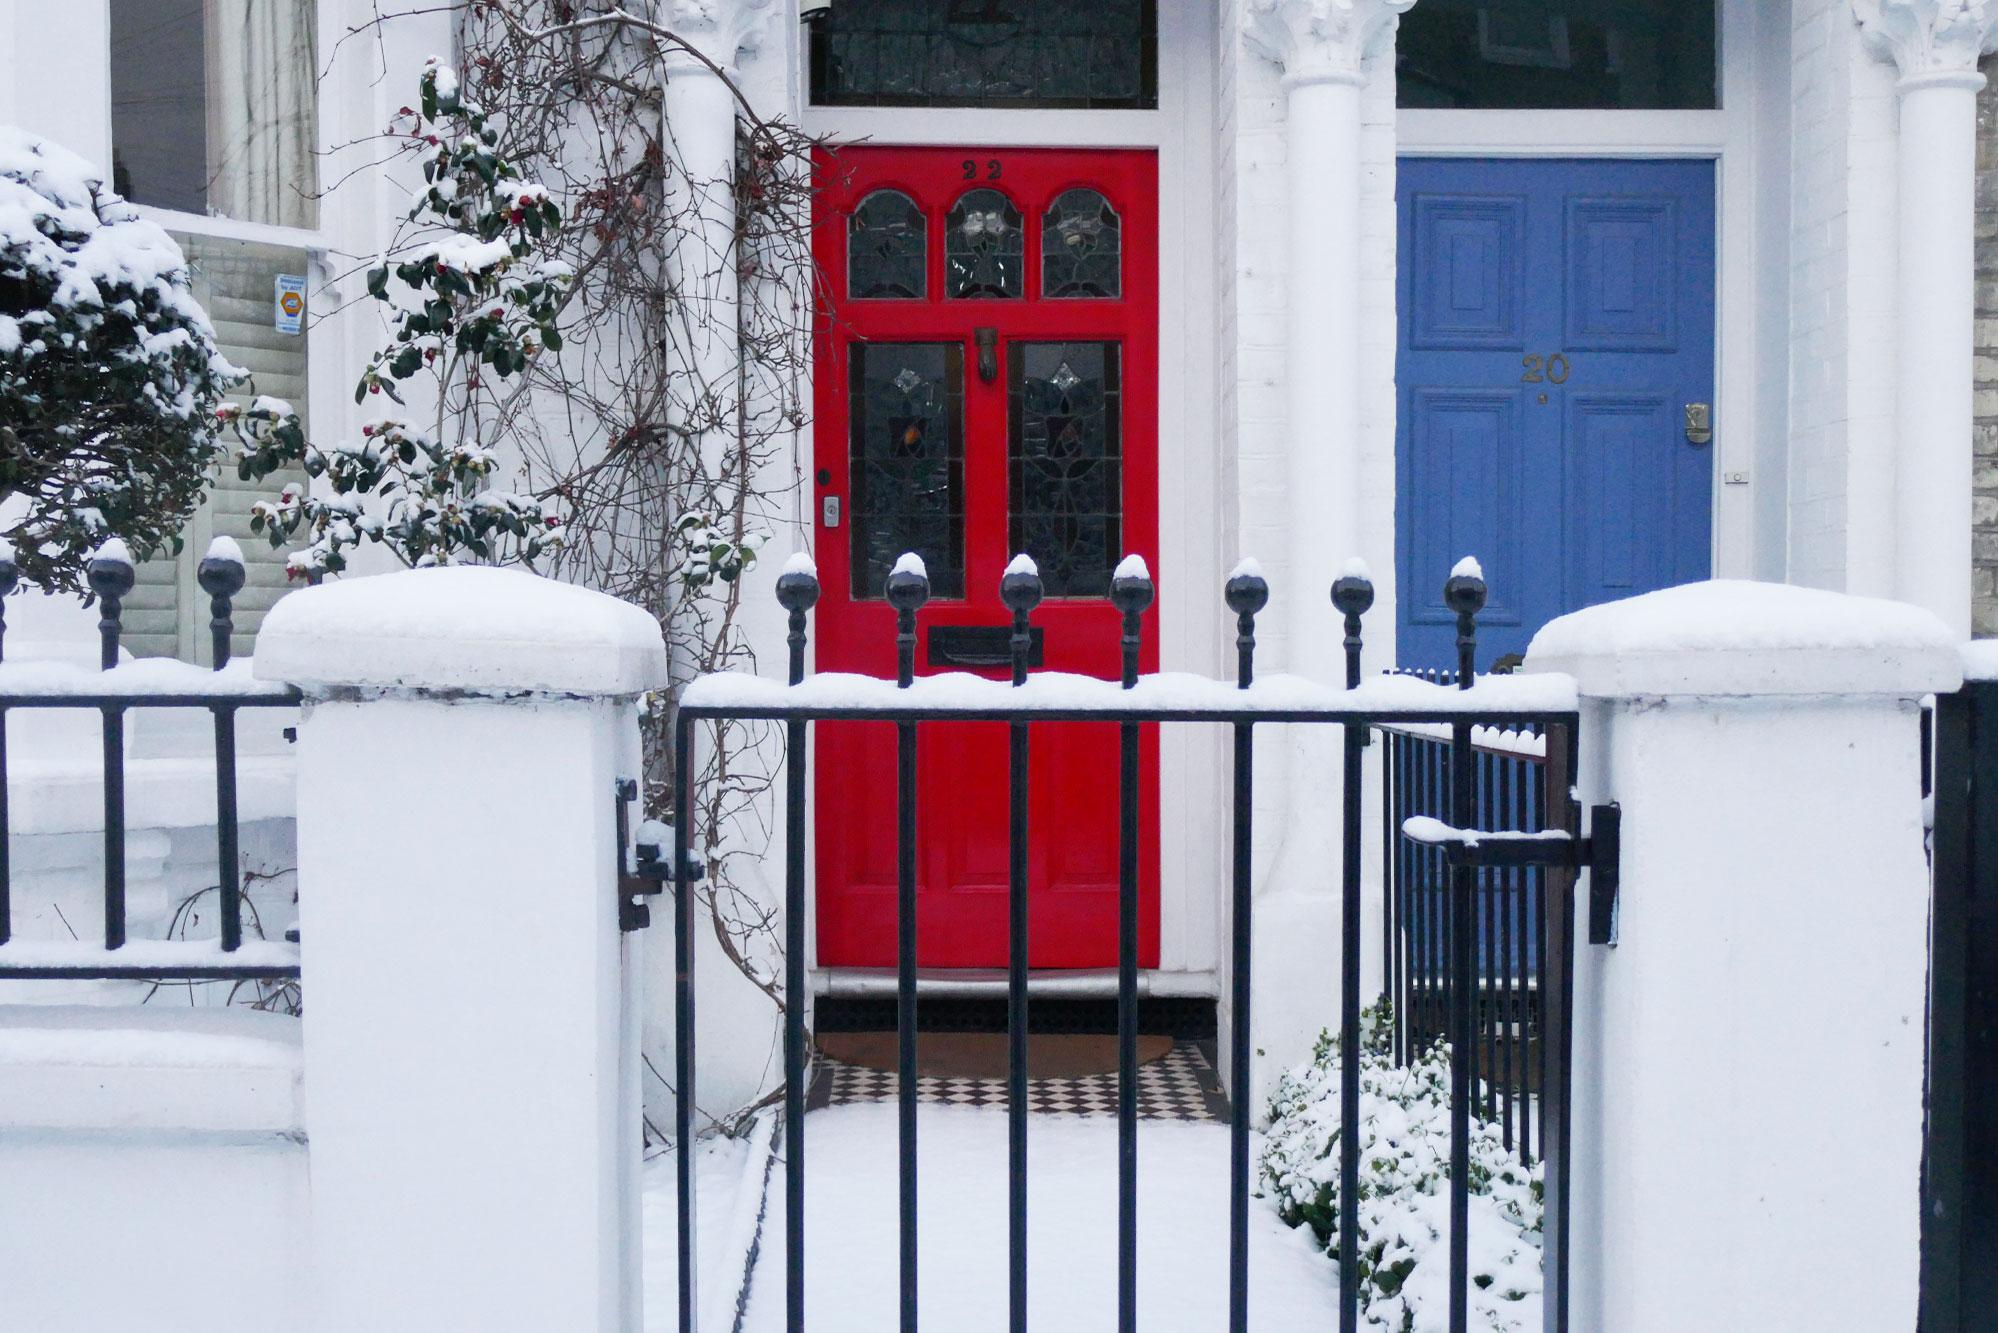 Hooray_Snow_Doors.jpg